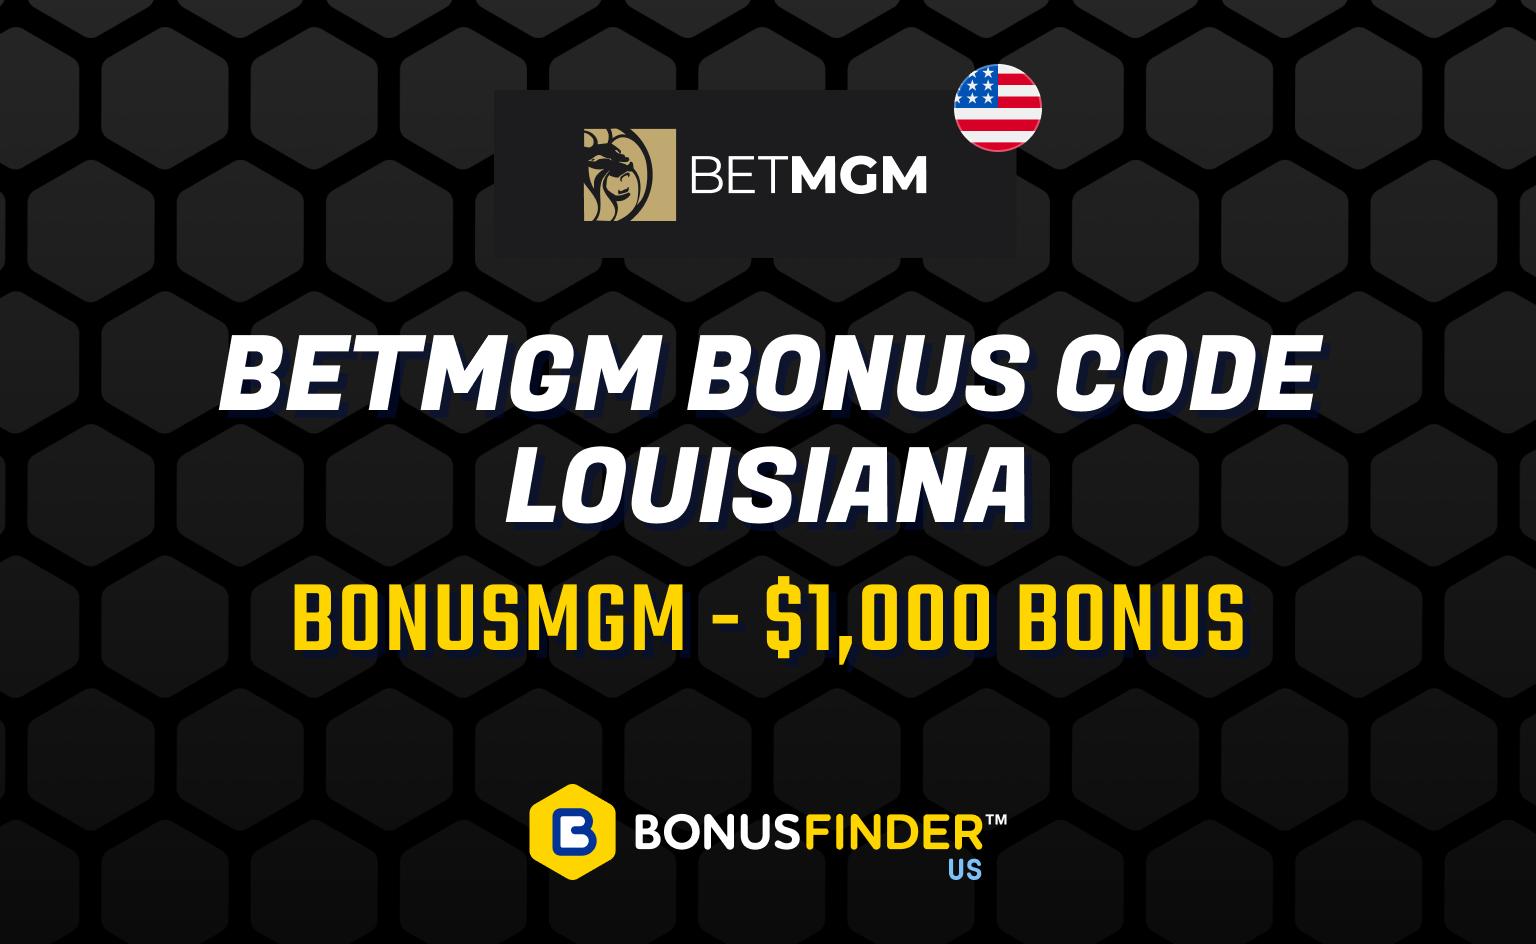 betmgm bonus code louisiana